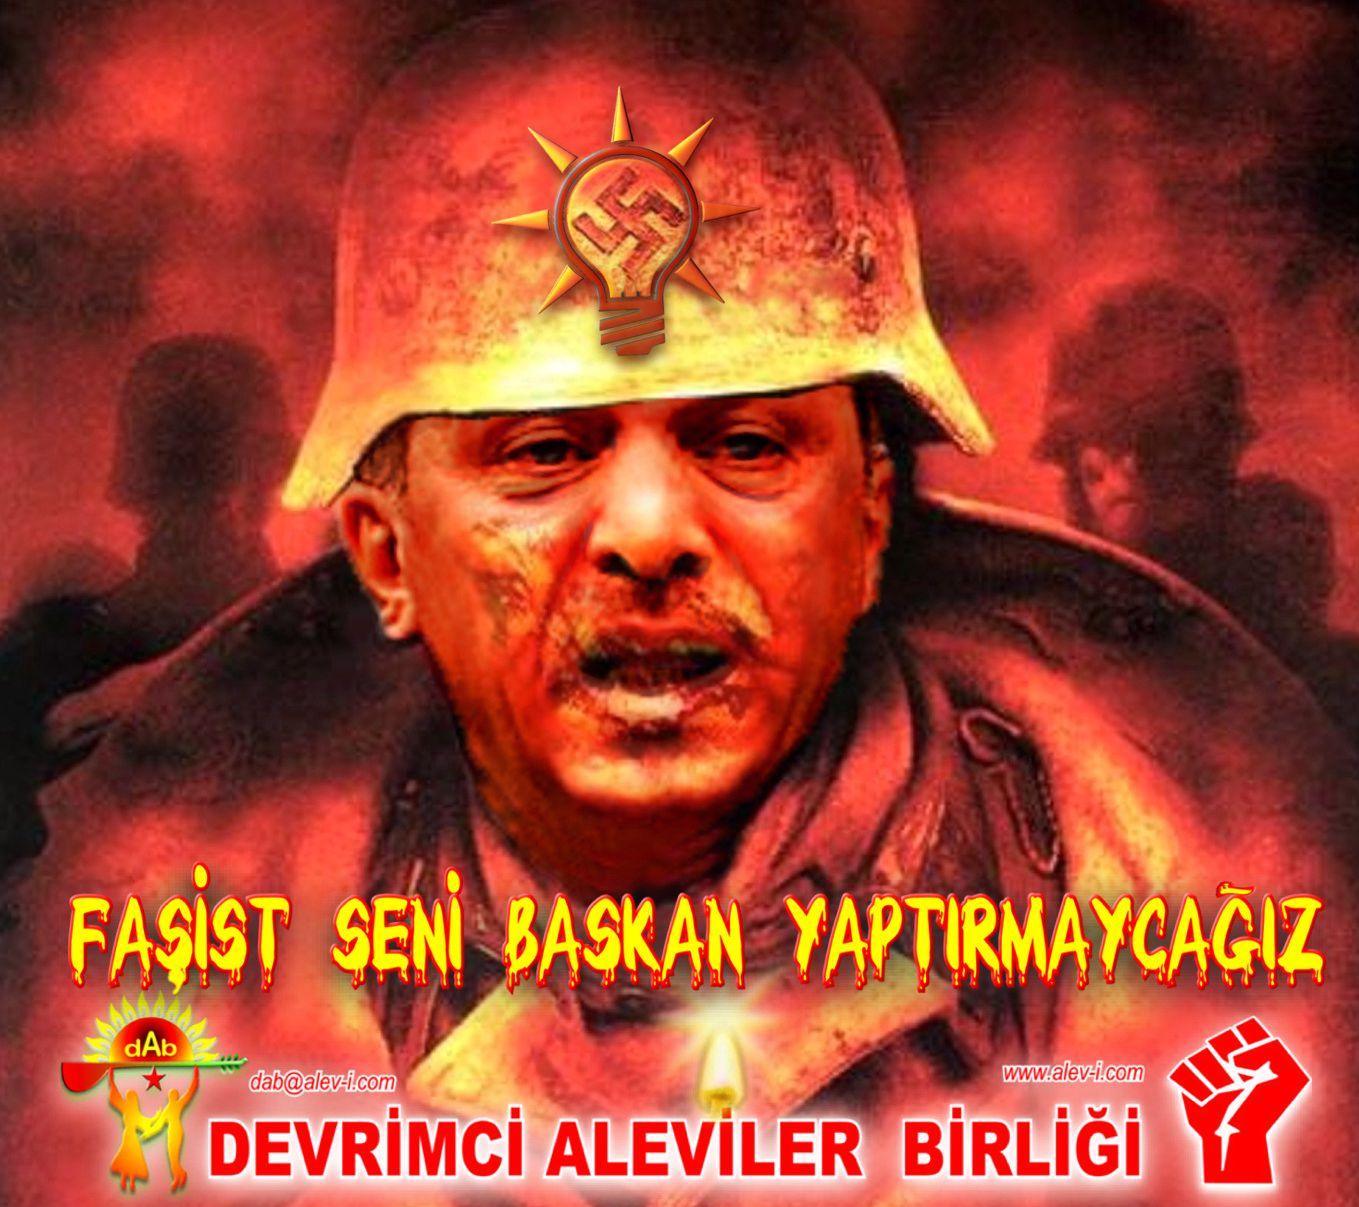 Devrimci Aleviler Birliği DAB Alevi Kızılbaş Bektaşi pir sultan cem hz Ali 12 imam semah Feramuz Şah Acar seni baskan yatirmayacagiz yezit